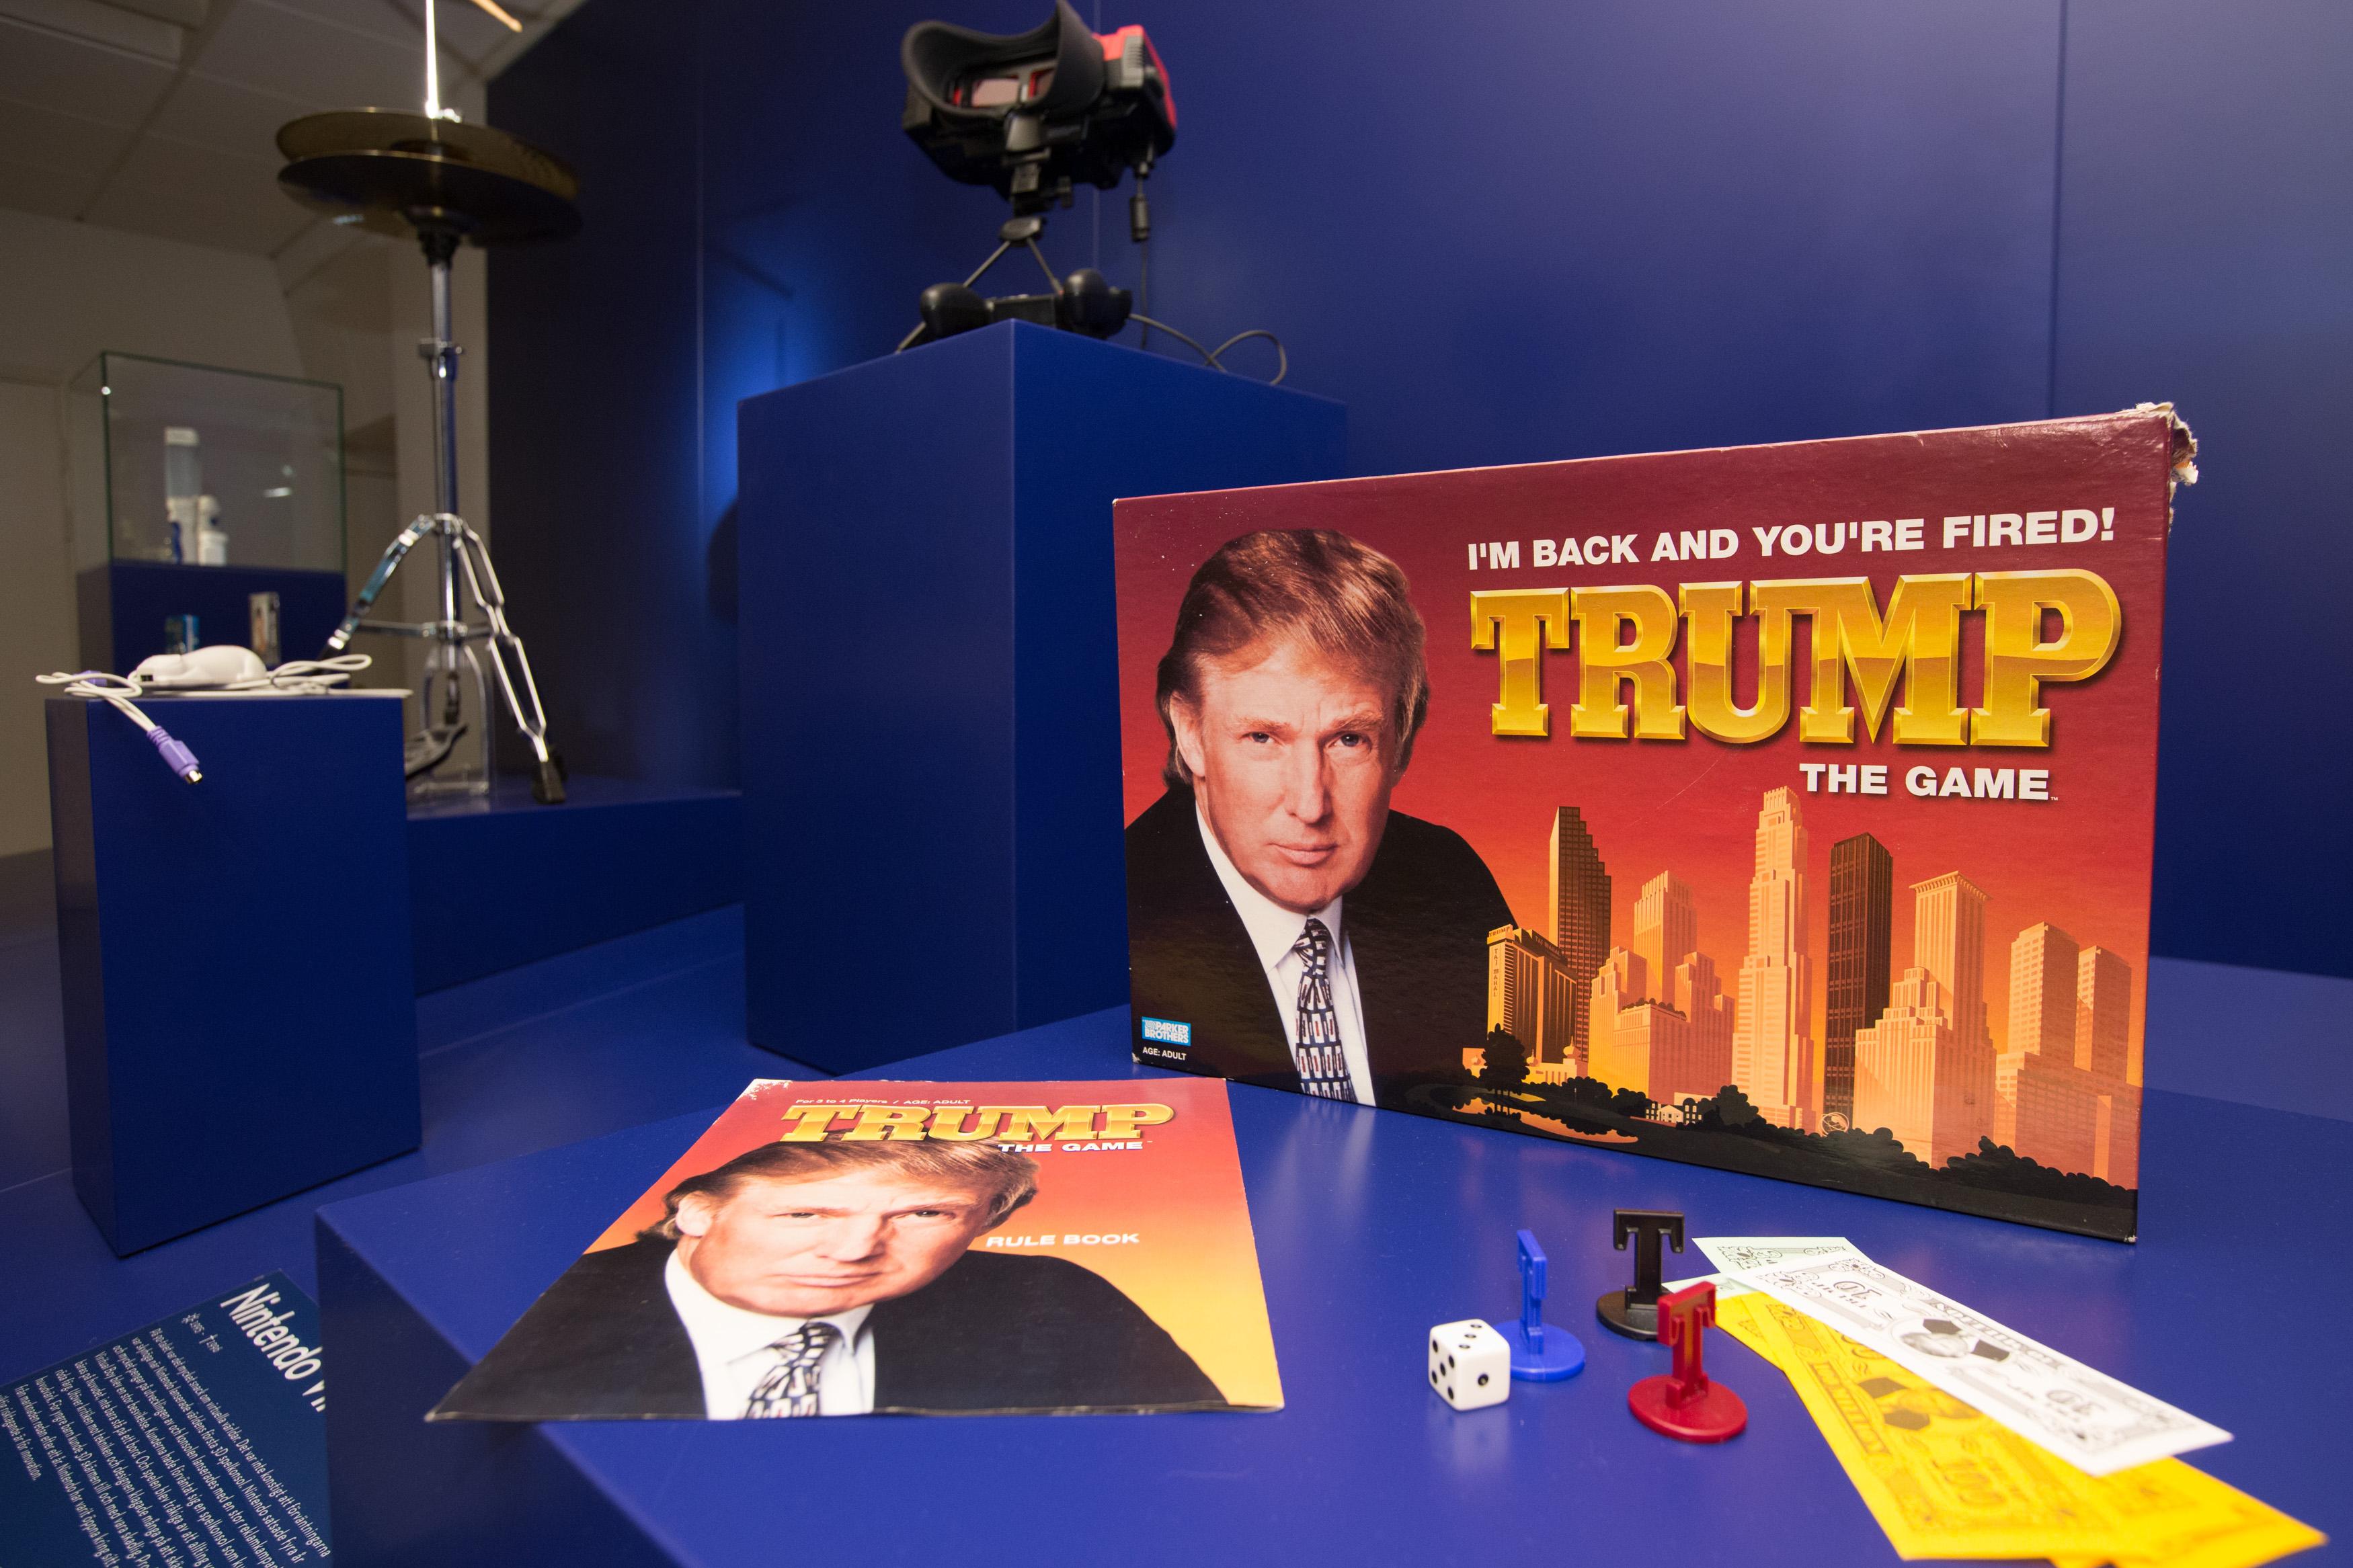 トランプ米大統領がビジネスマンだった時代に売り出されたボードゲーム。散々な評判だったが、失敗博物館では人気展示物の一つだ=スウェーデン・ヘルシンボリ(撮影・澤田博之、共同)